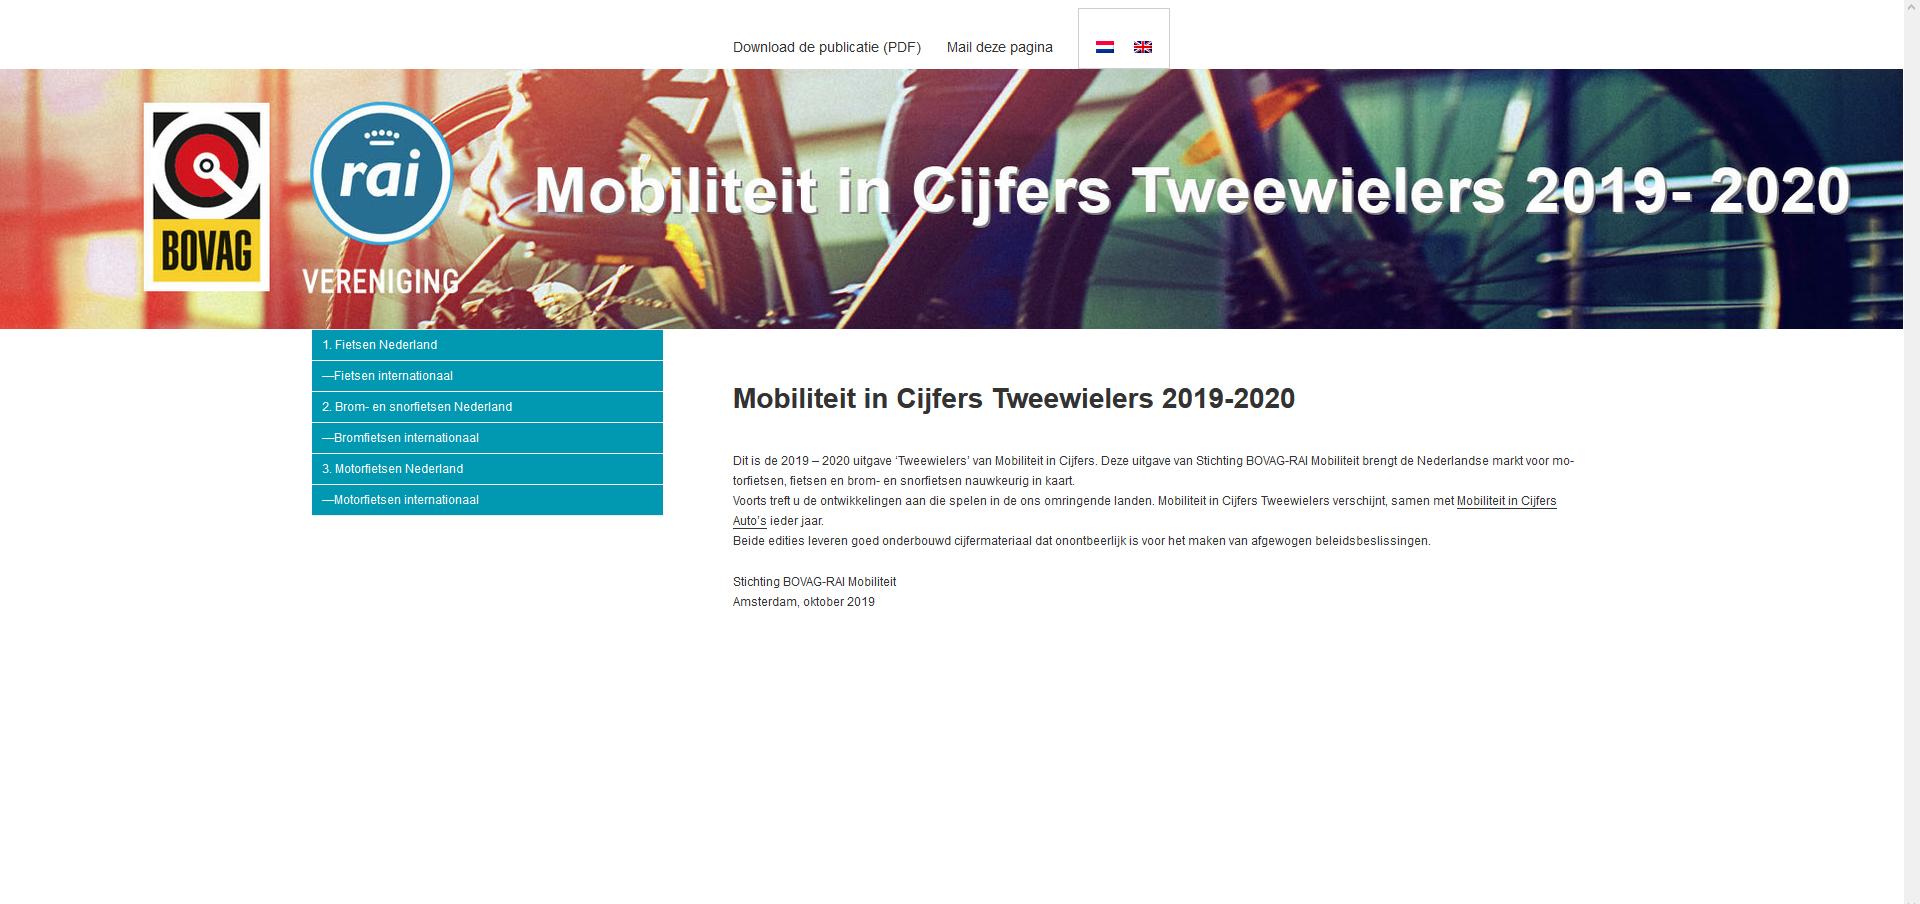 Mobiliteit in Cijfers Tweewielers 2019